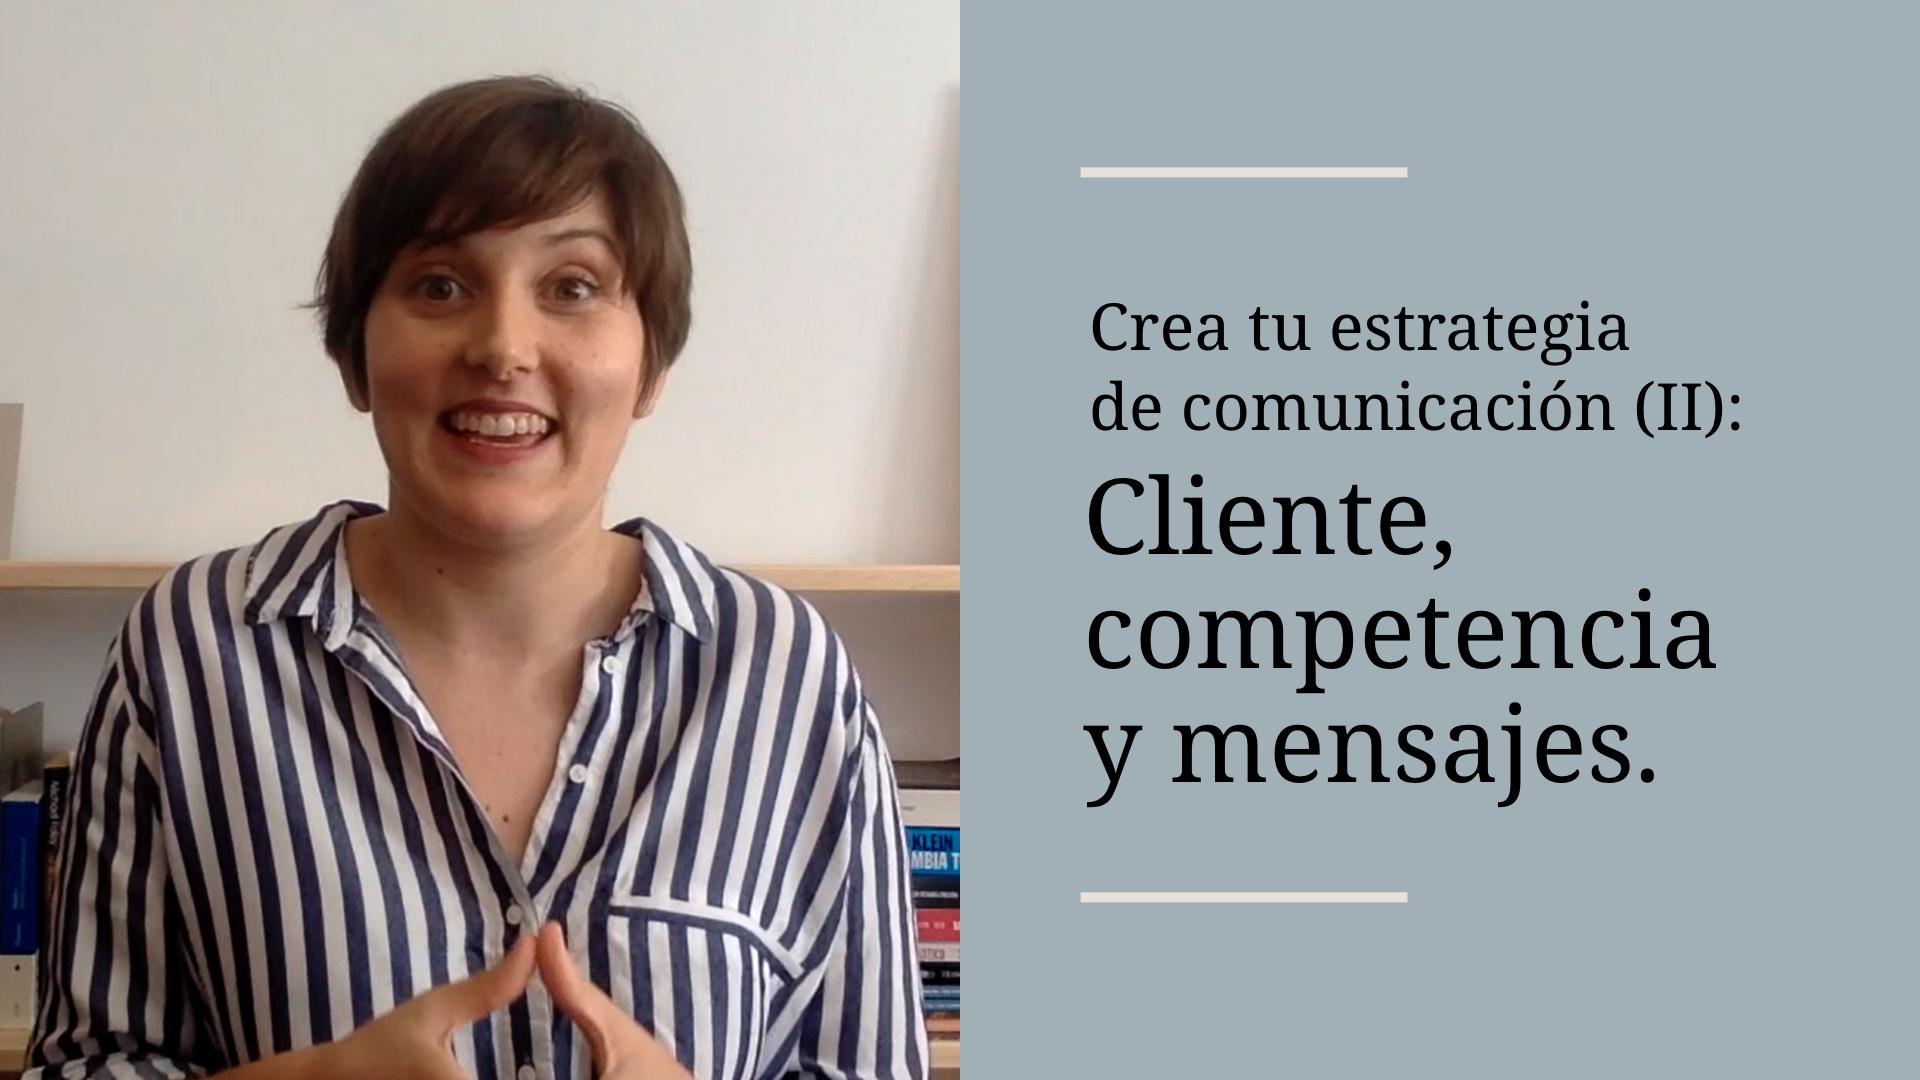 Crea tu estrategia de comunicación (II): cliente, competencia y mensajes